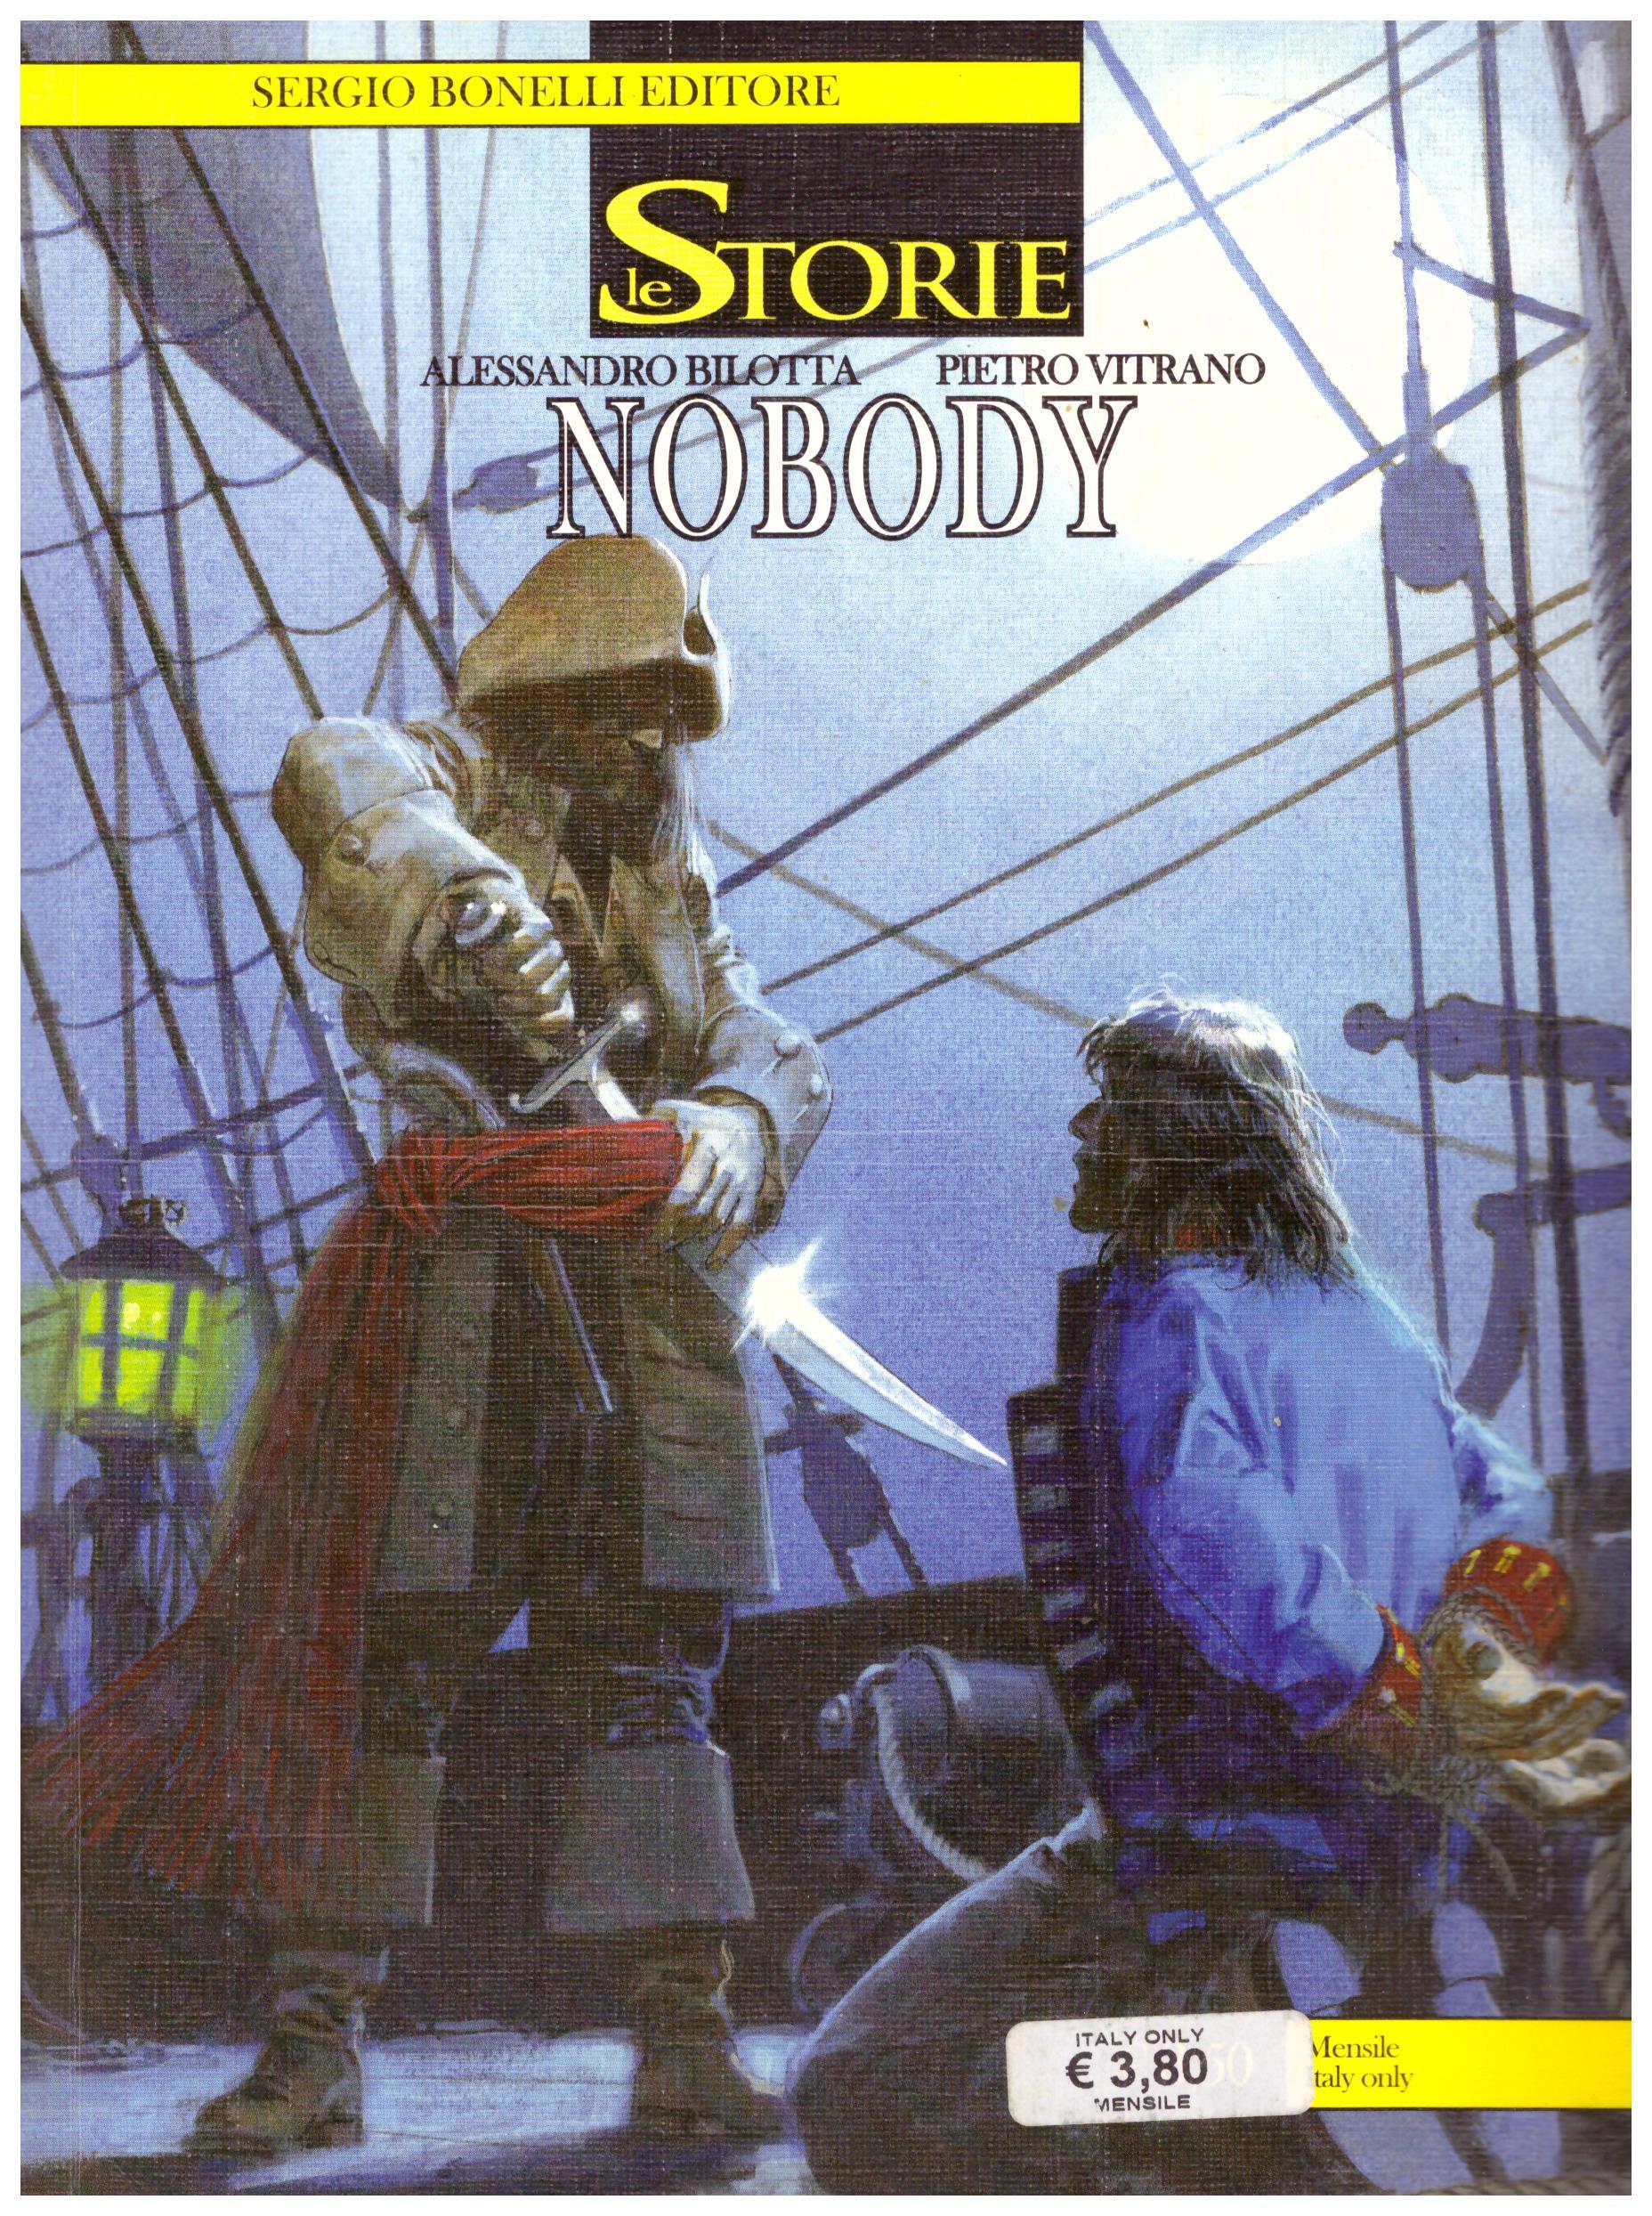 Titolo: Le storie n.10  Autore: AA.VV.  Editore: sergio bonelli editore, 2012